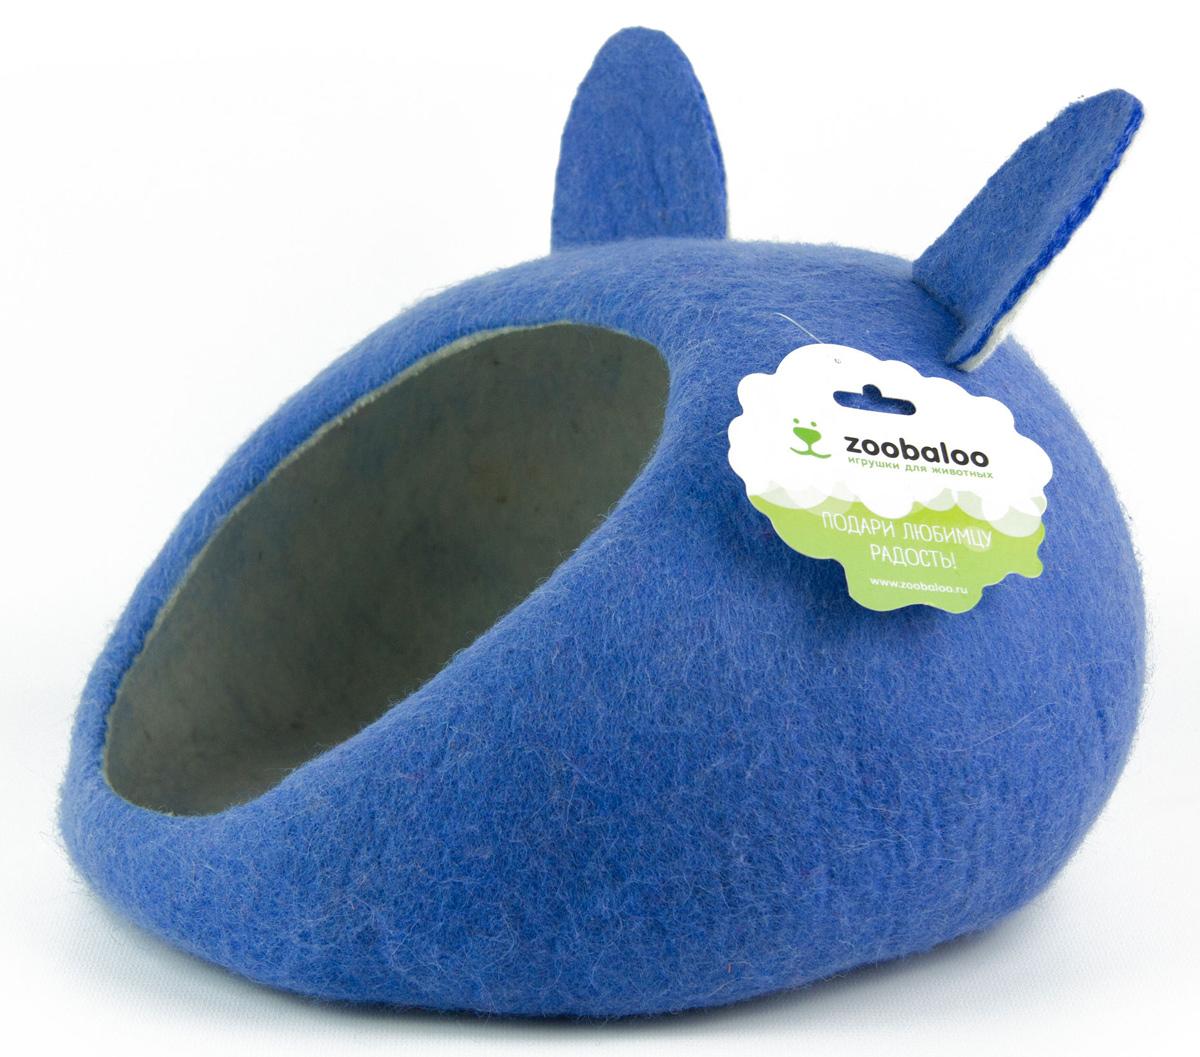 Домик-слипер для животных Zoobaloo WoolPetHouse, с ушками, цвет: синий, размер М891Домик-слипер Zoobaloo WoolPetHouse предназначен для отдыха и сна питомца. Домик изготовлен из 100% шерсти мериноса. Шерсть мериноса обеспечит превосходный микроклимат внутри домика, а его форма позволит питомцу засыпать в самой естественной позе.